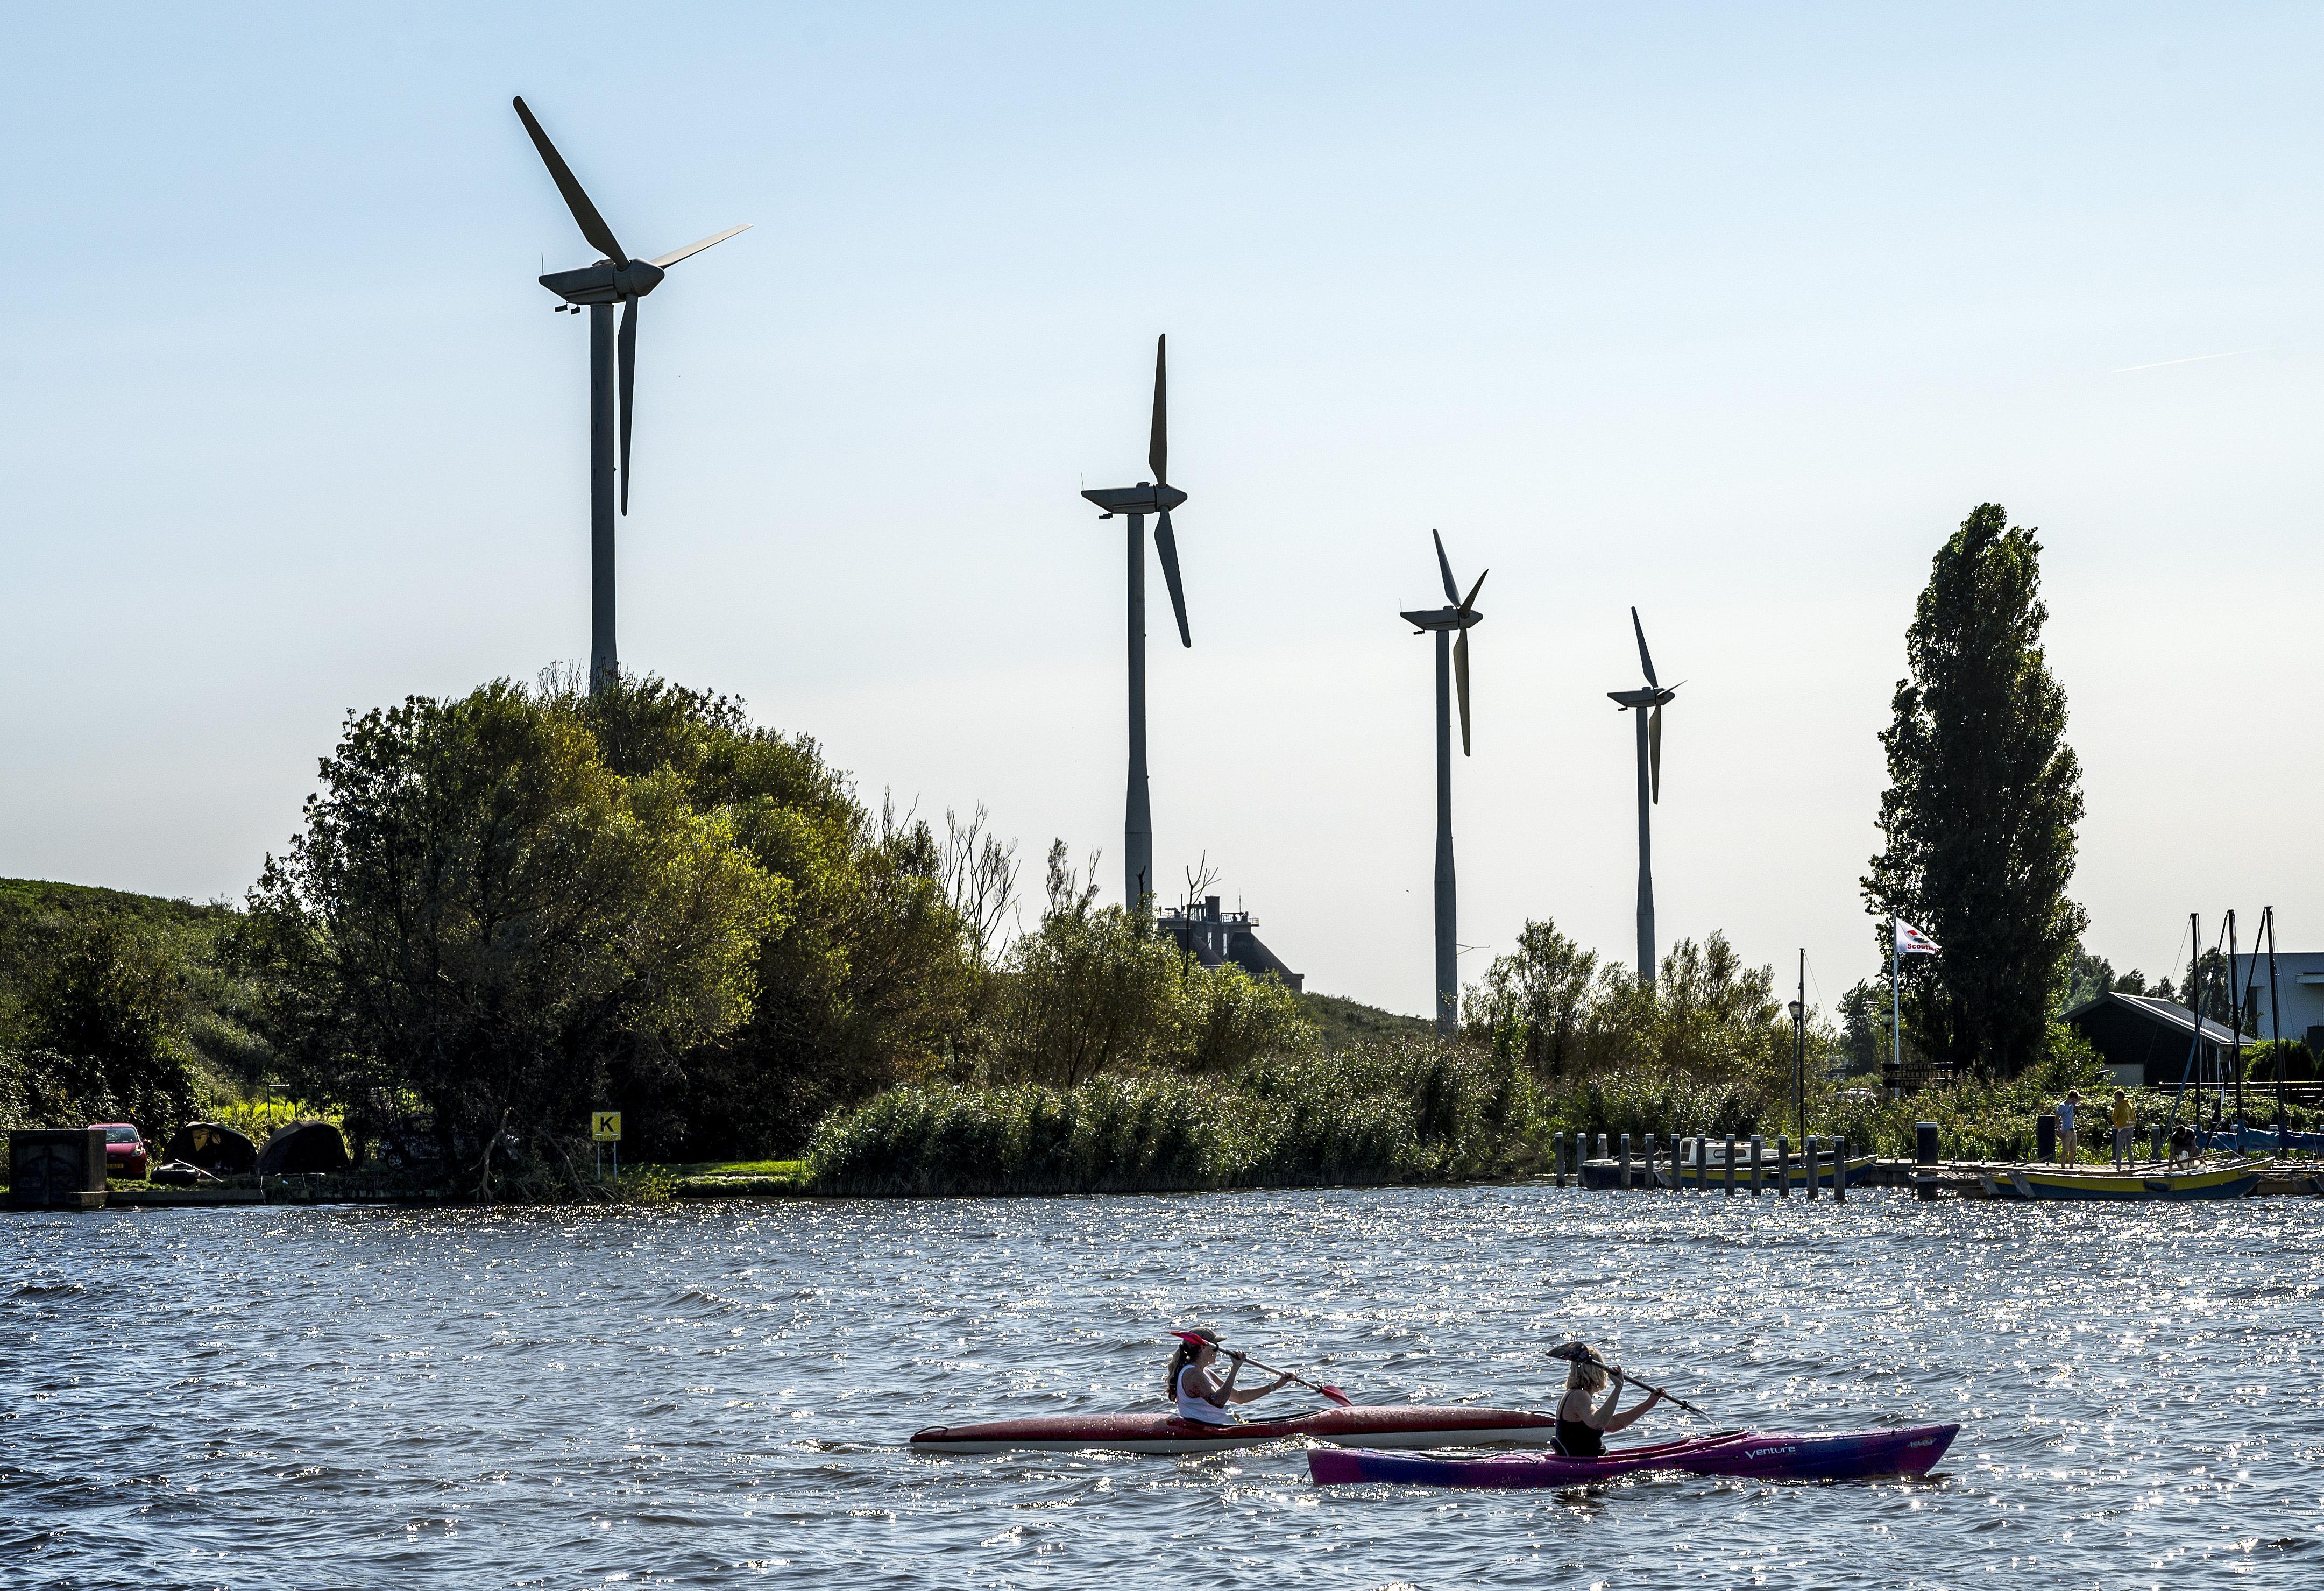 Warmtenet, zonnepanelen en windmolens. De Haarlemse Waarderpolder zet in op duurzaamheid: 'Bij ons is dat geen 'moetje' meer'